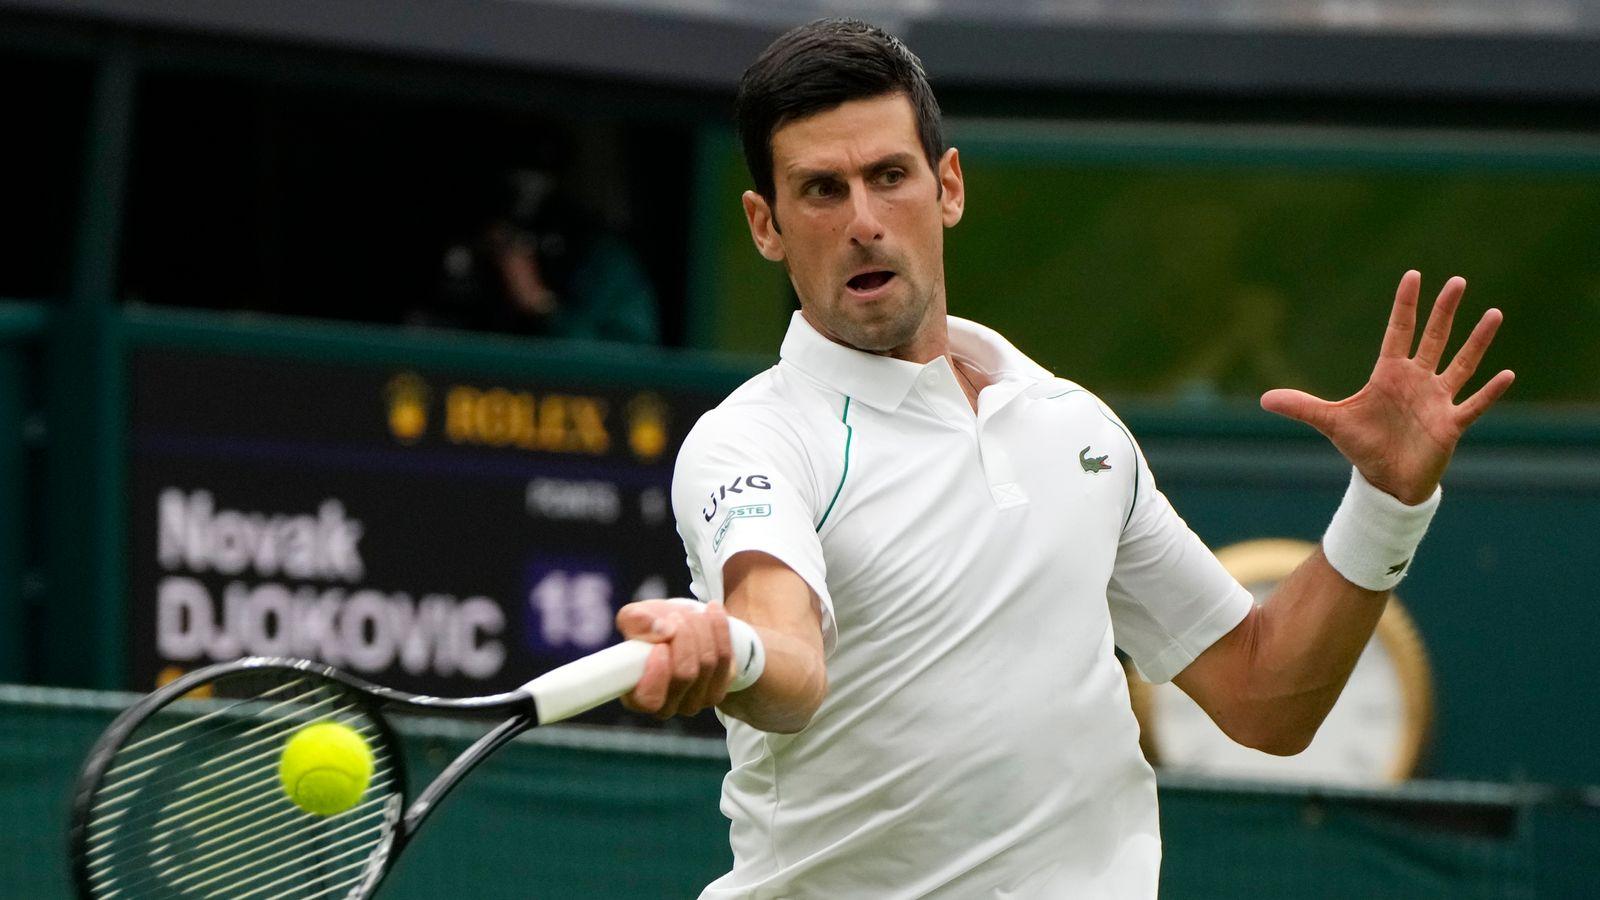 skysports novak djokovic tennis 5430287 - Wimbledon: Đoković že preskočil prvo oviro; dvoboje prekinil dež